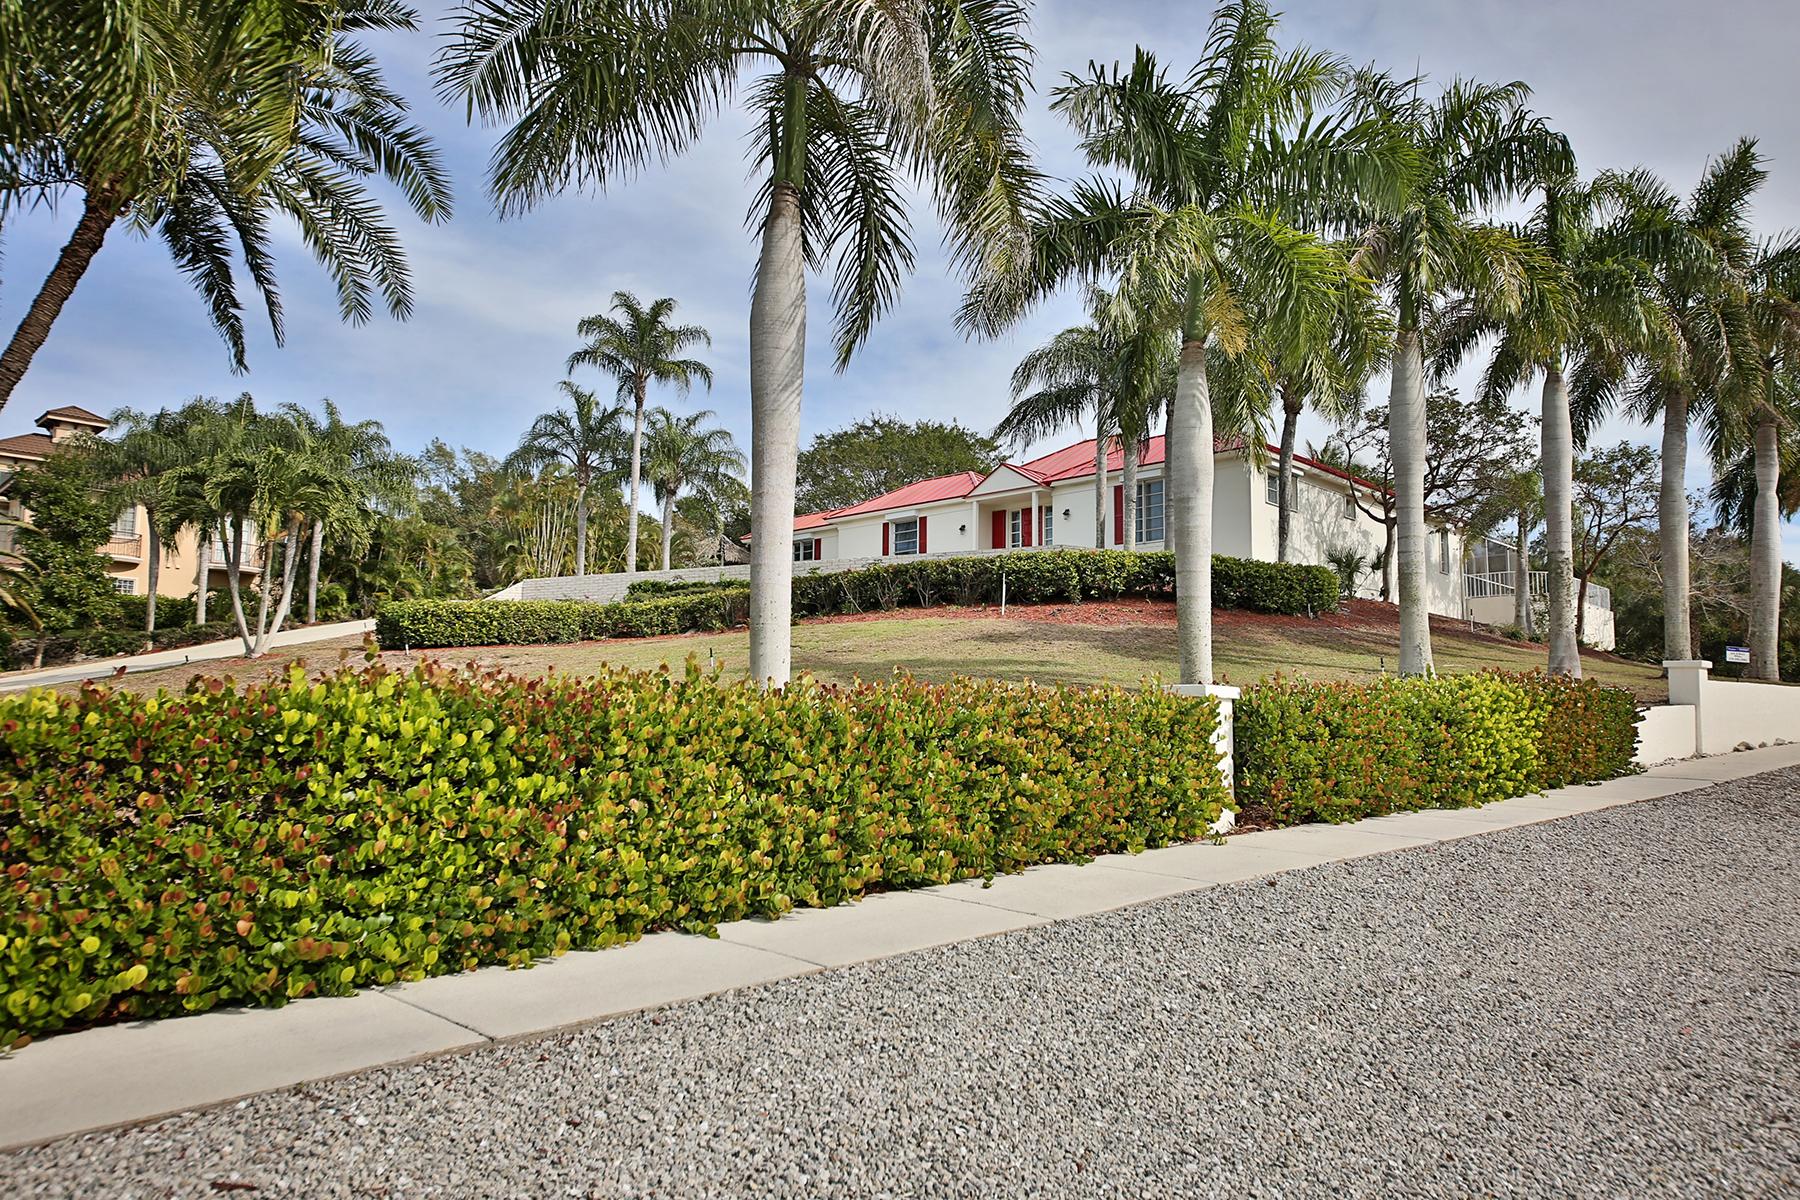 Maison unifamiliale pour l Vente à MARCO ISLAND - KIRK TERRACE 1901 Kirk Terr Marco Island, Florida, 34145 États-Unis